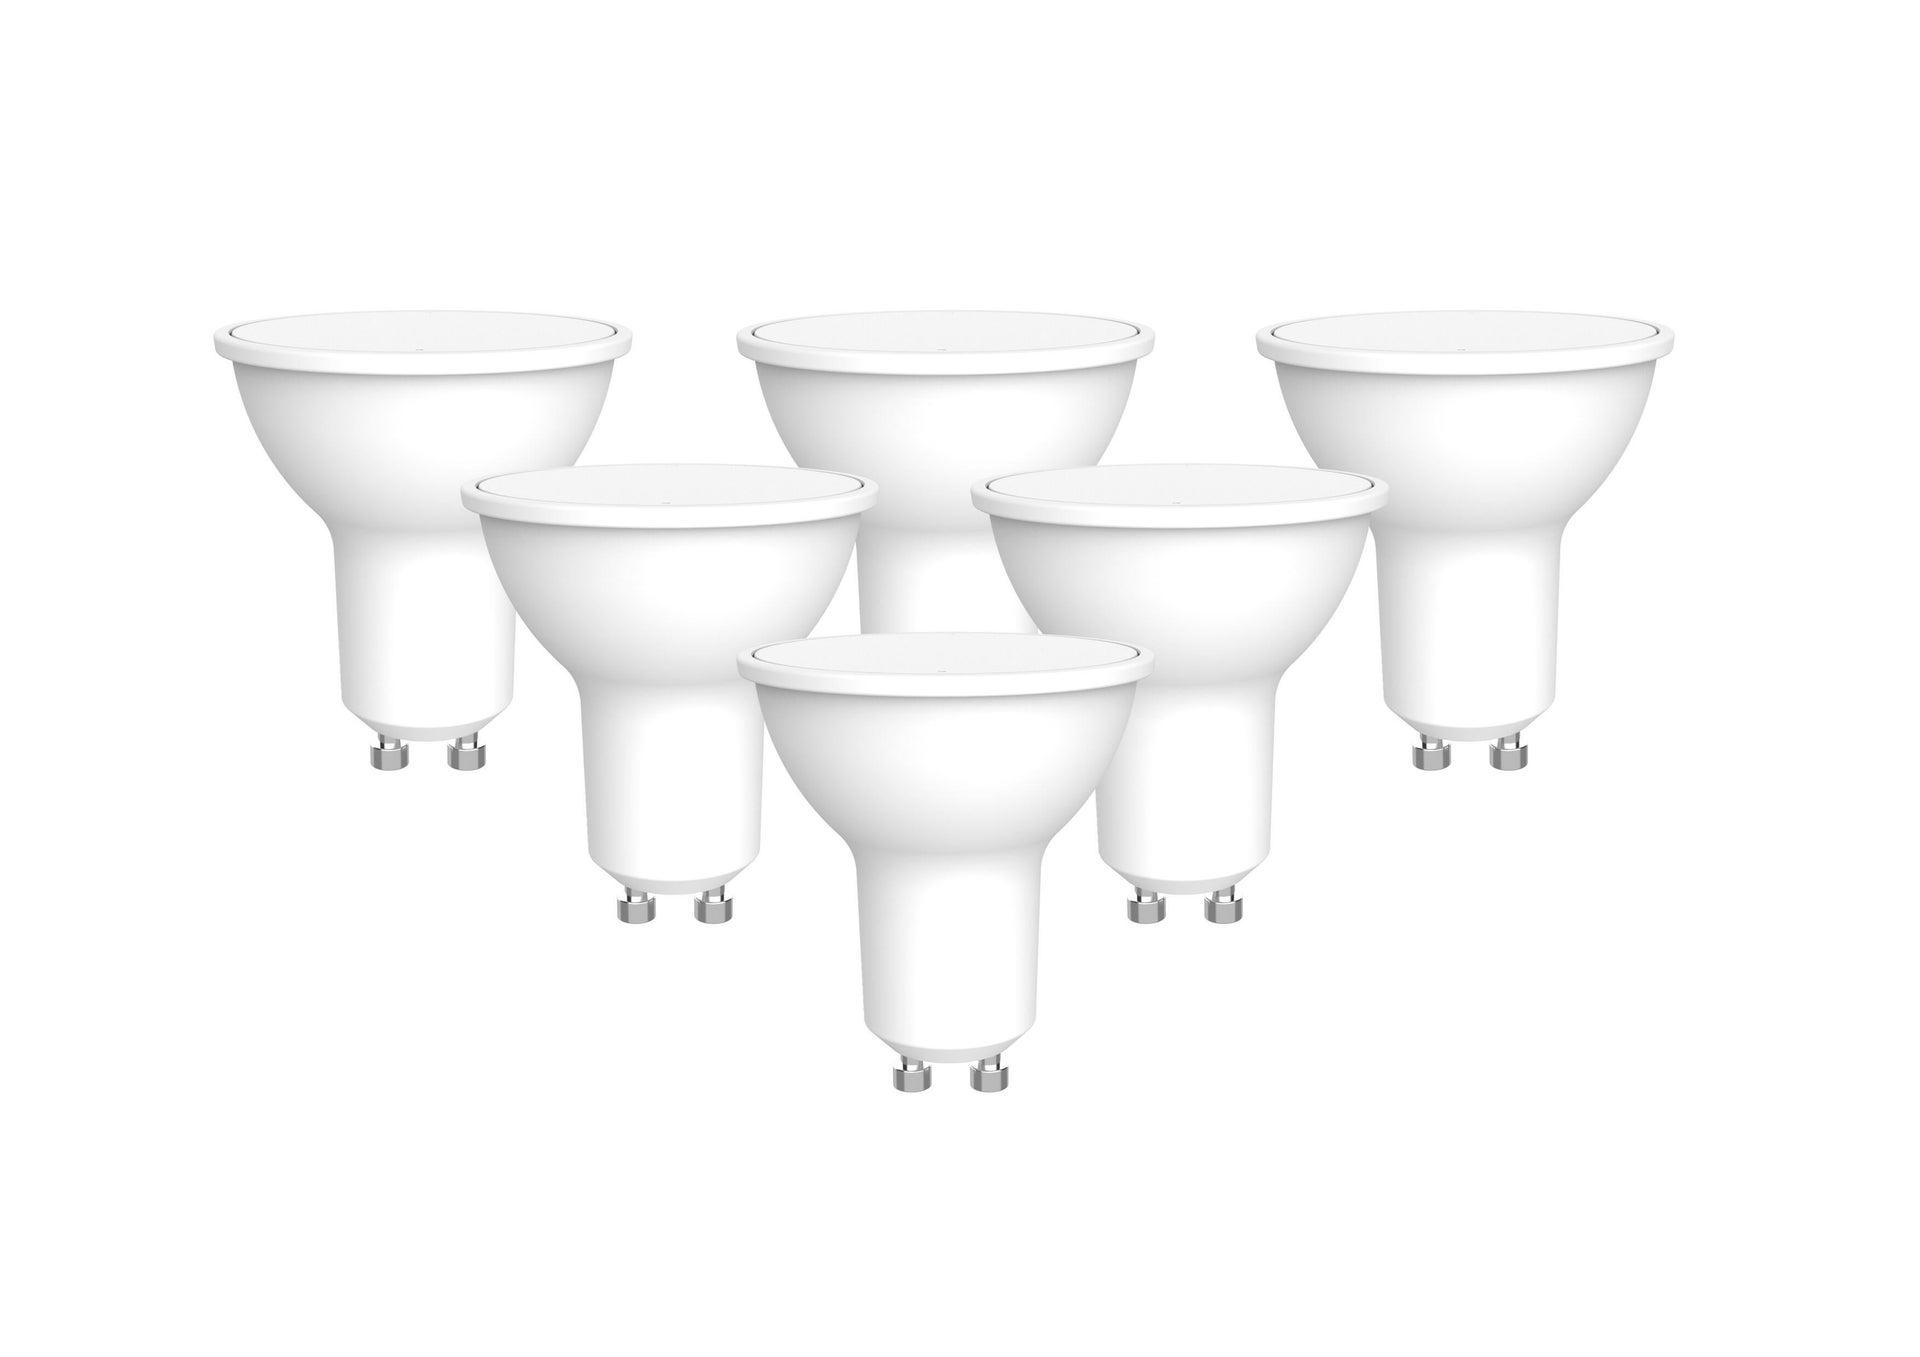 Set di 6 lampadine LED, GU10, Faretto, Smerigliato, Luce naturale, 6W=450LM (equiv 50 W), 100° , LEXMAN - 1